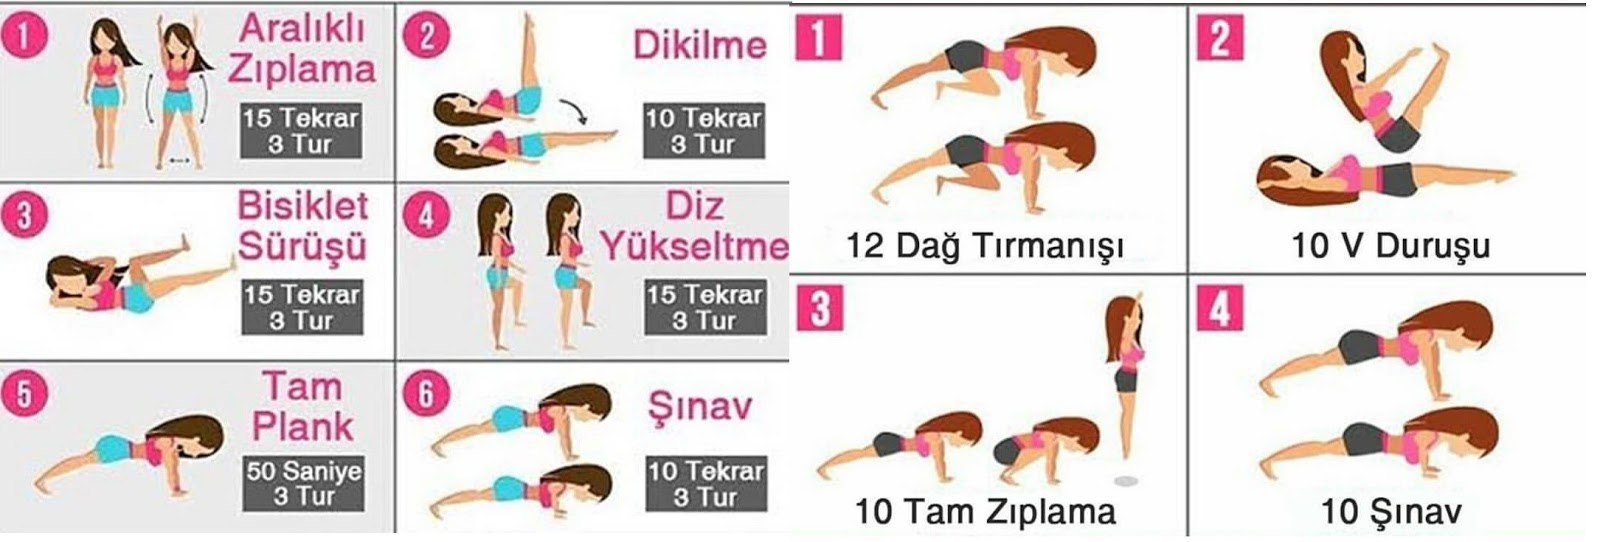 Vücut Sıkılaştırmanın 12 Yolu